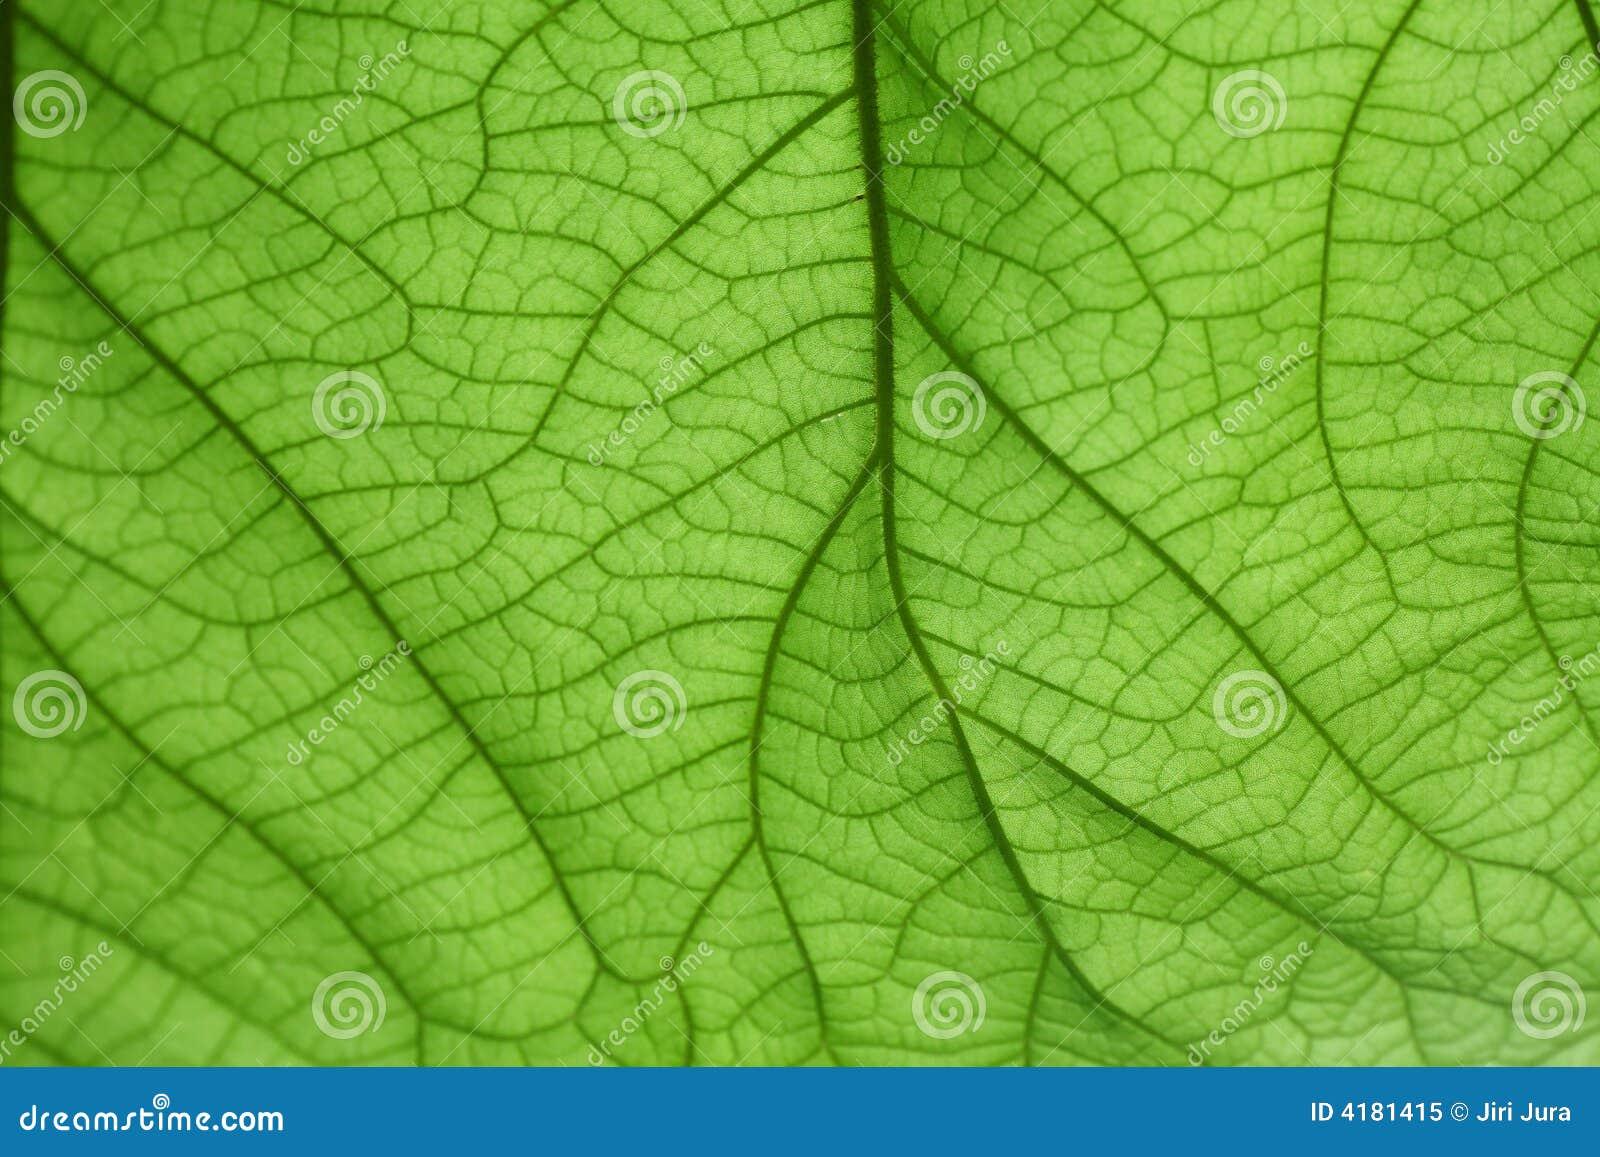 Groen blad als achtergrond